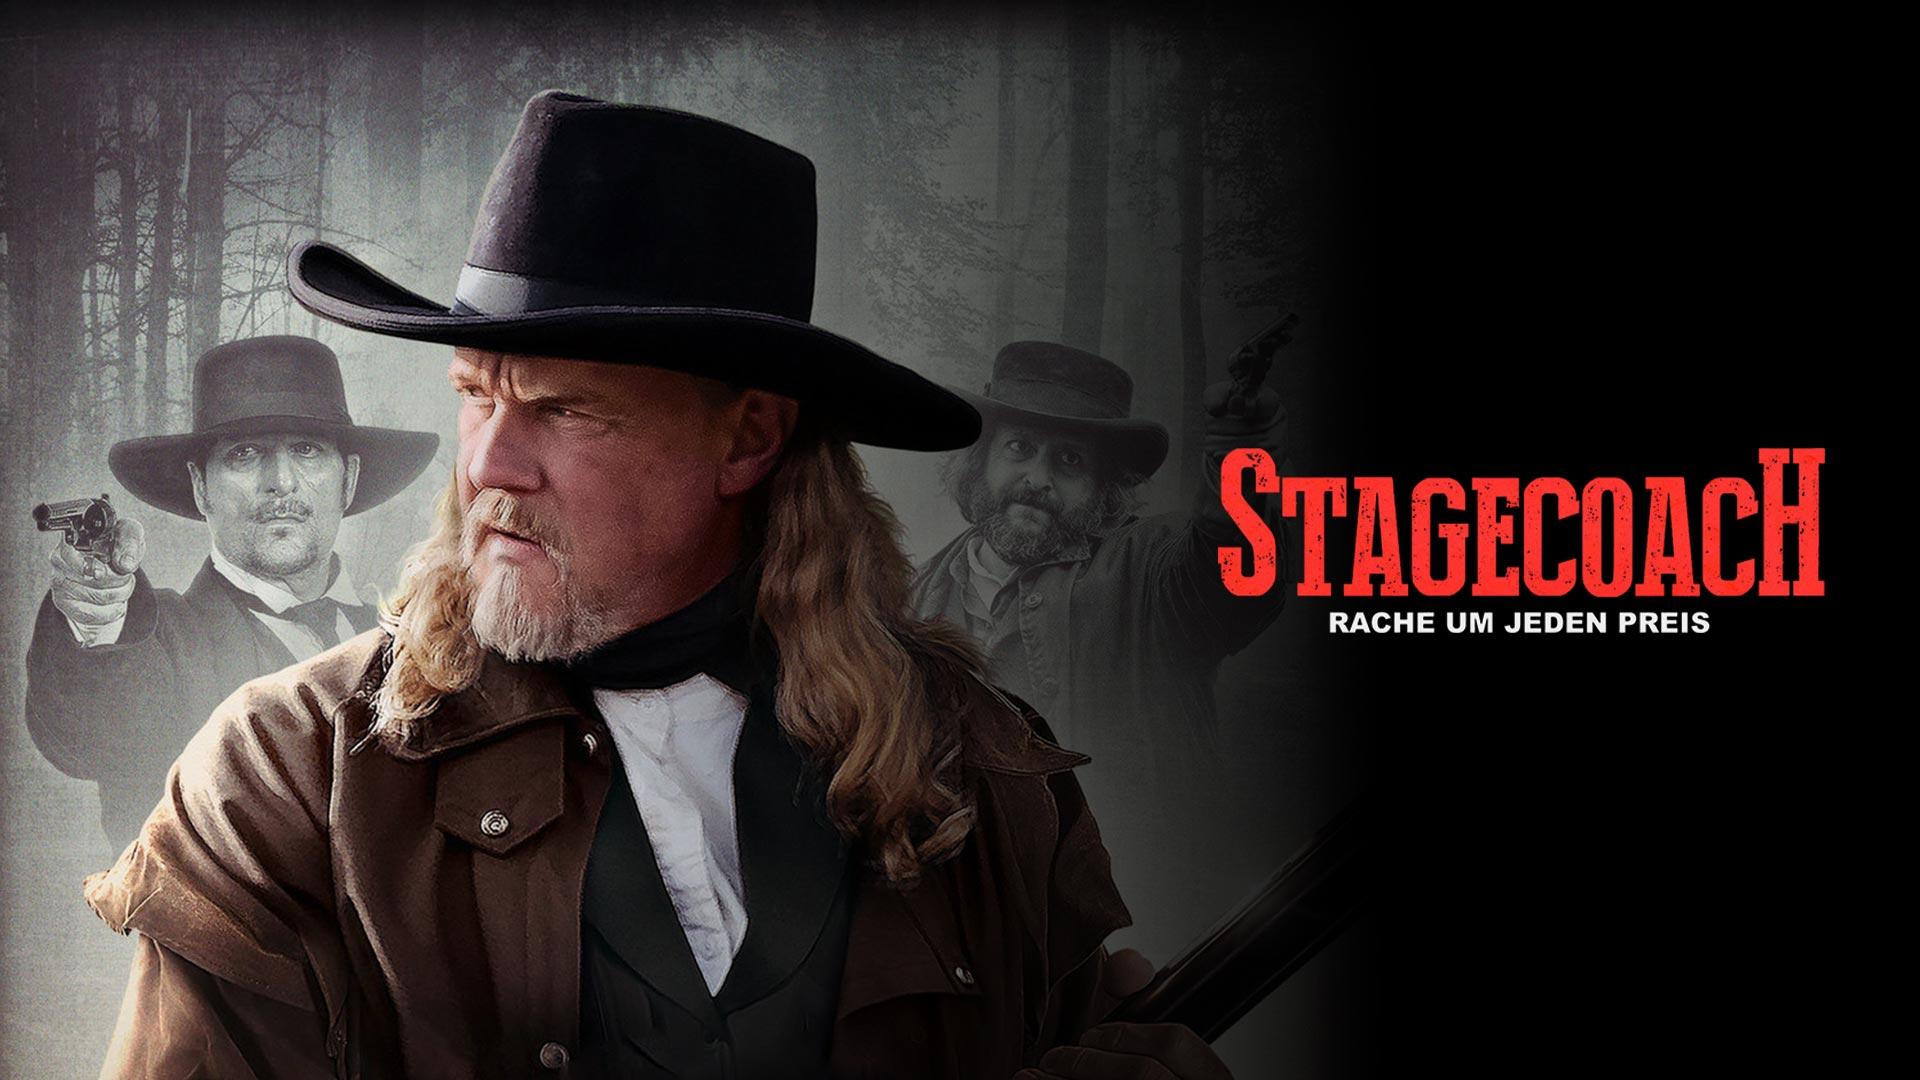 Stagecoach - Rache um jeden Preis